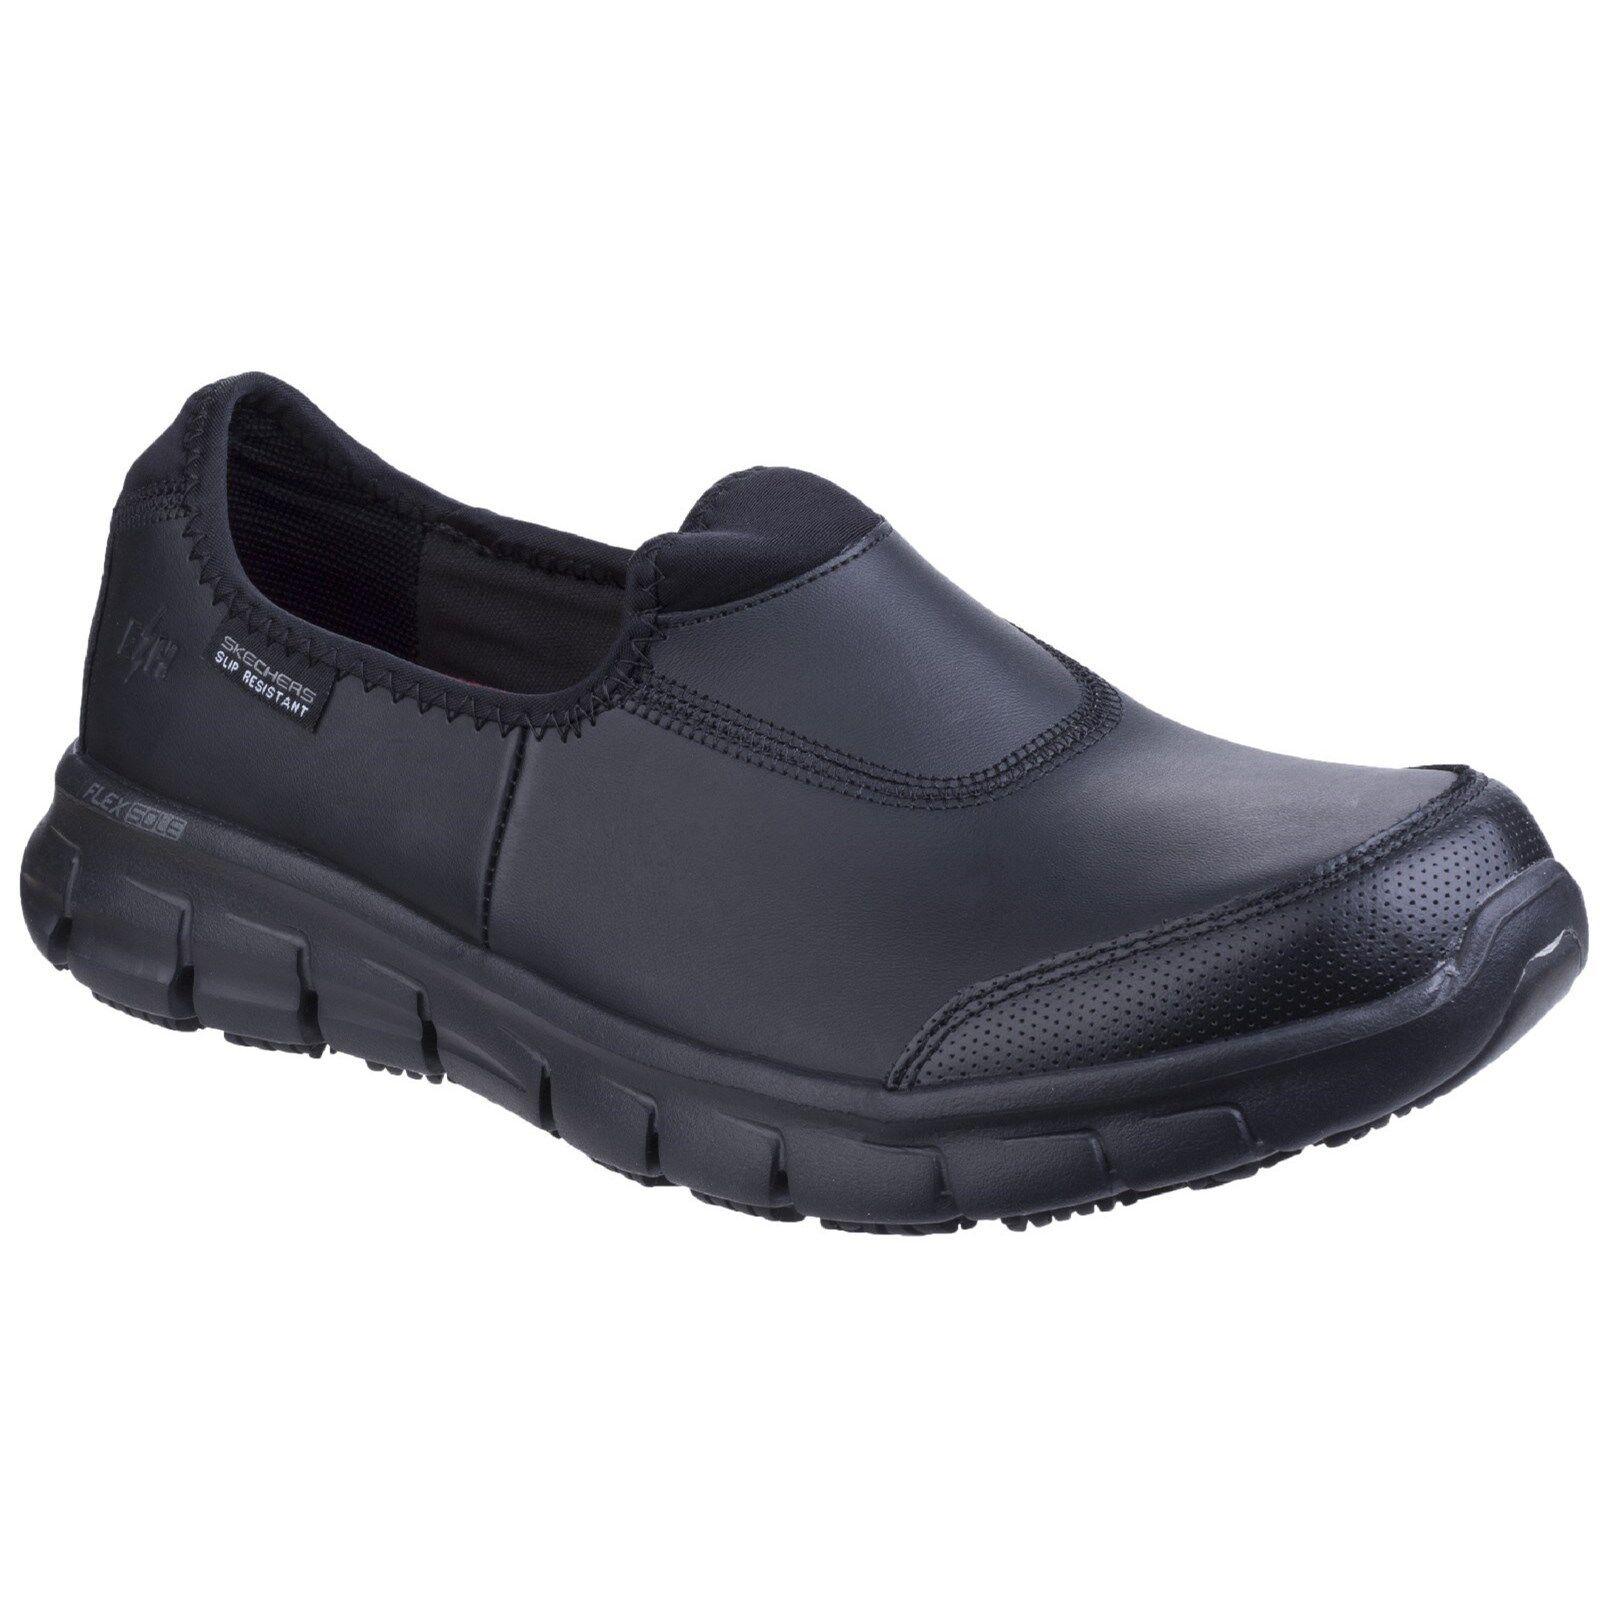 Skechers Sure Track SR Travail Baskets pour femme en mousse à mémoire à Enfiler Chaussures en cuir